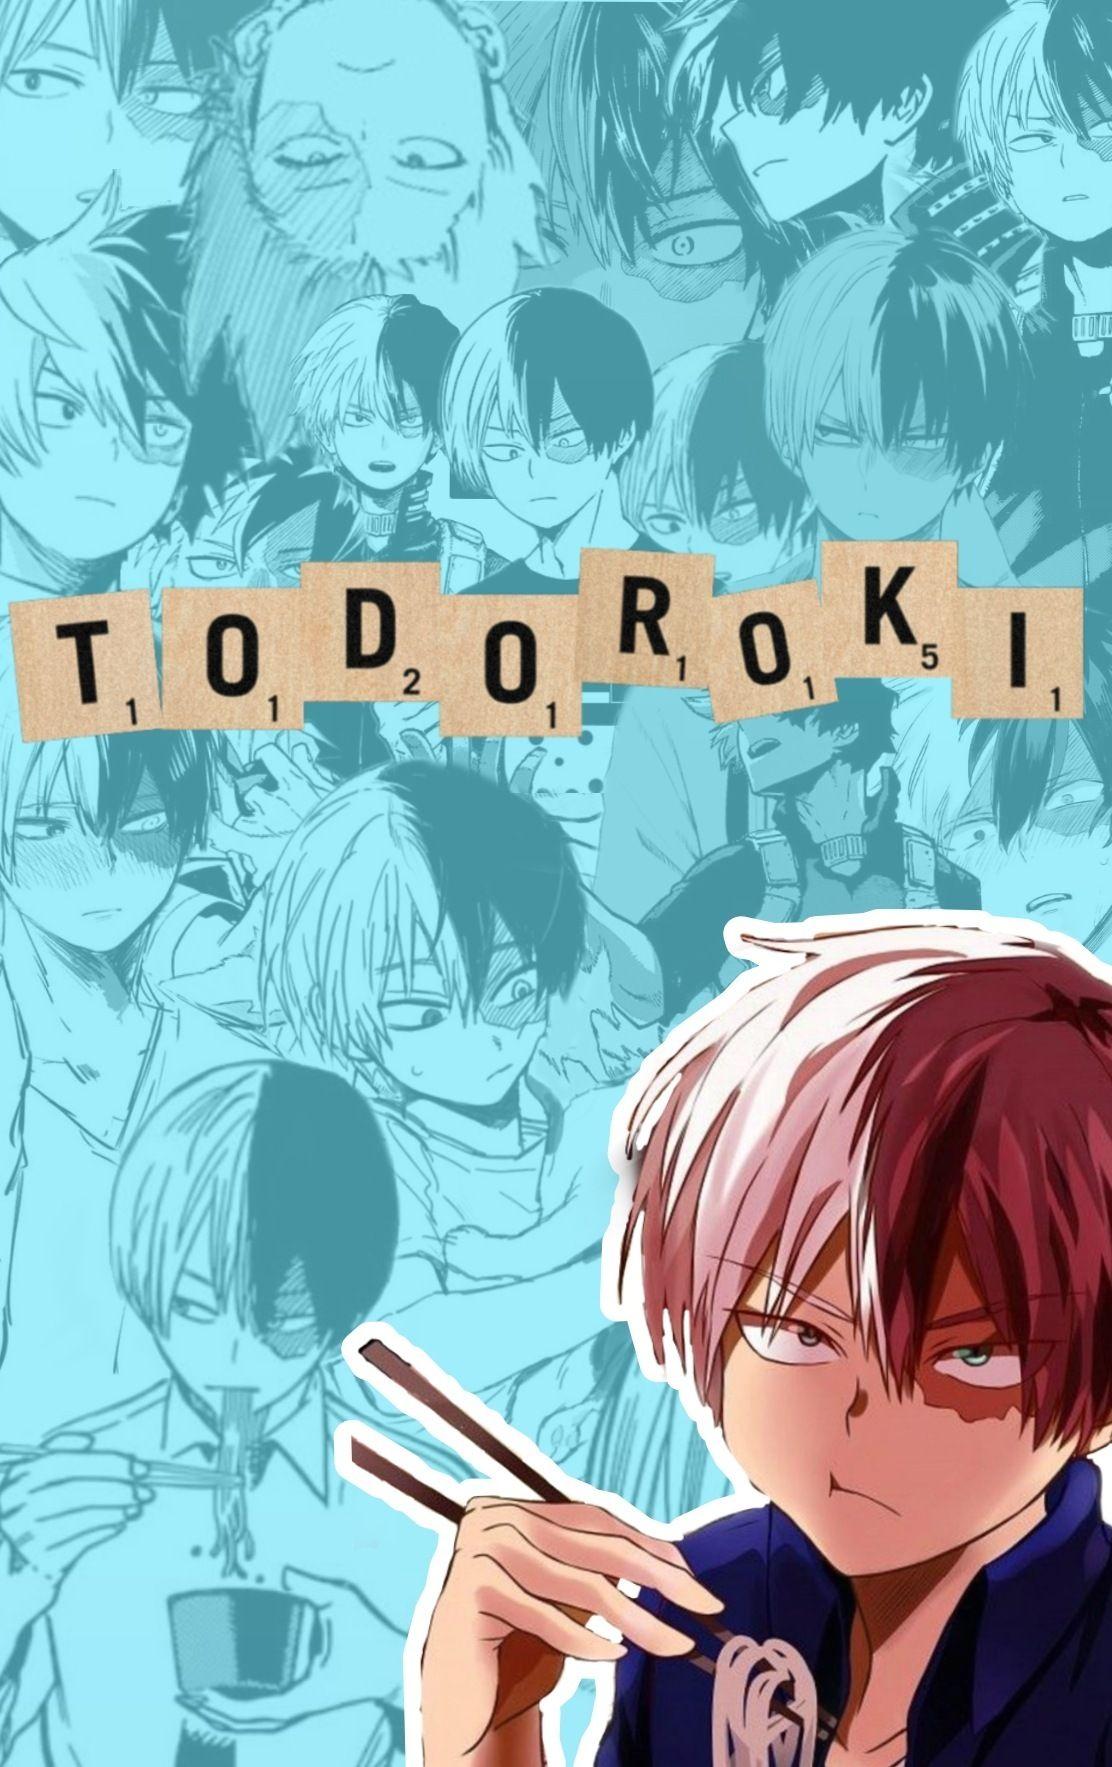 Shouto Todoroki || Boku no Hero Academia